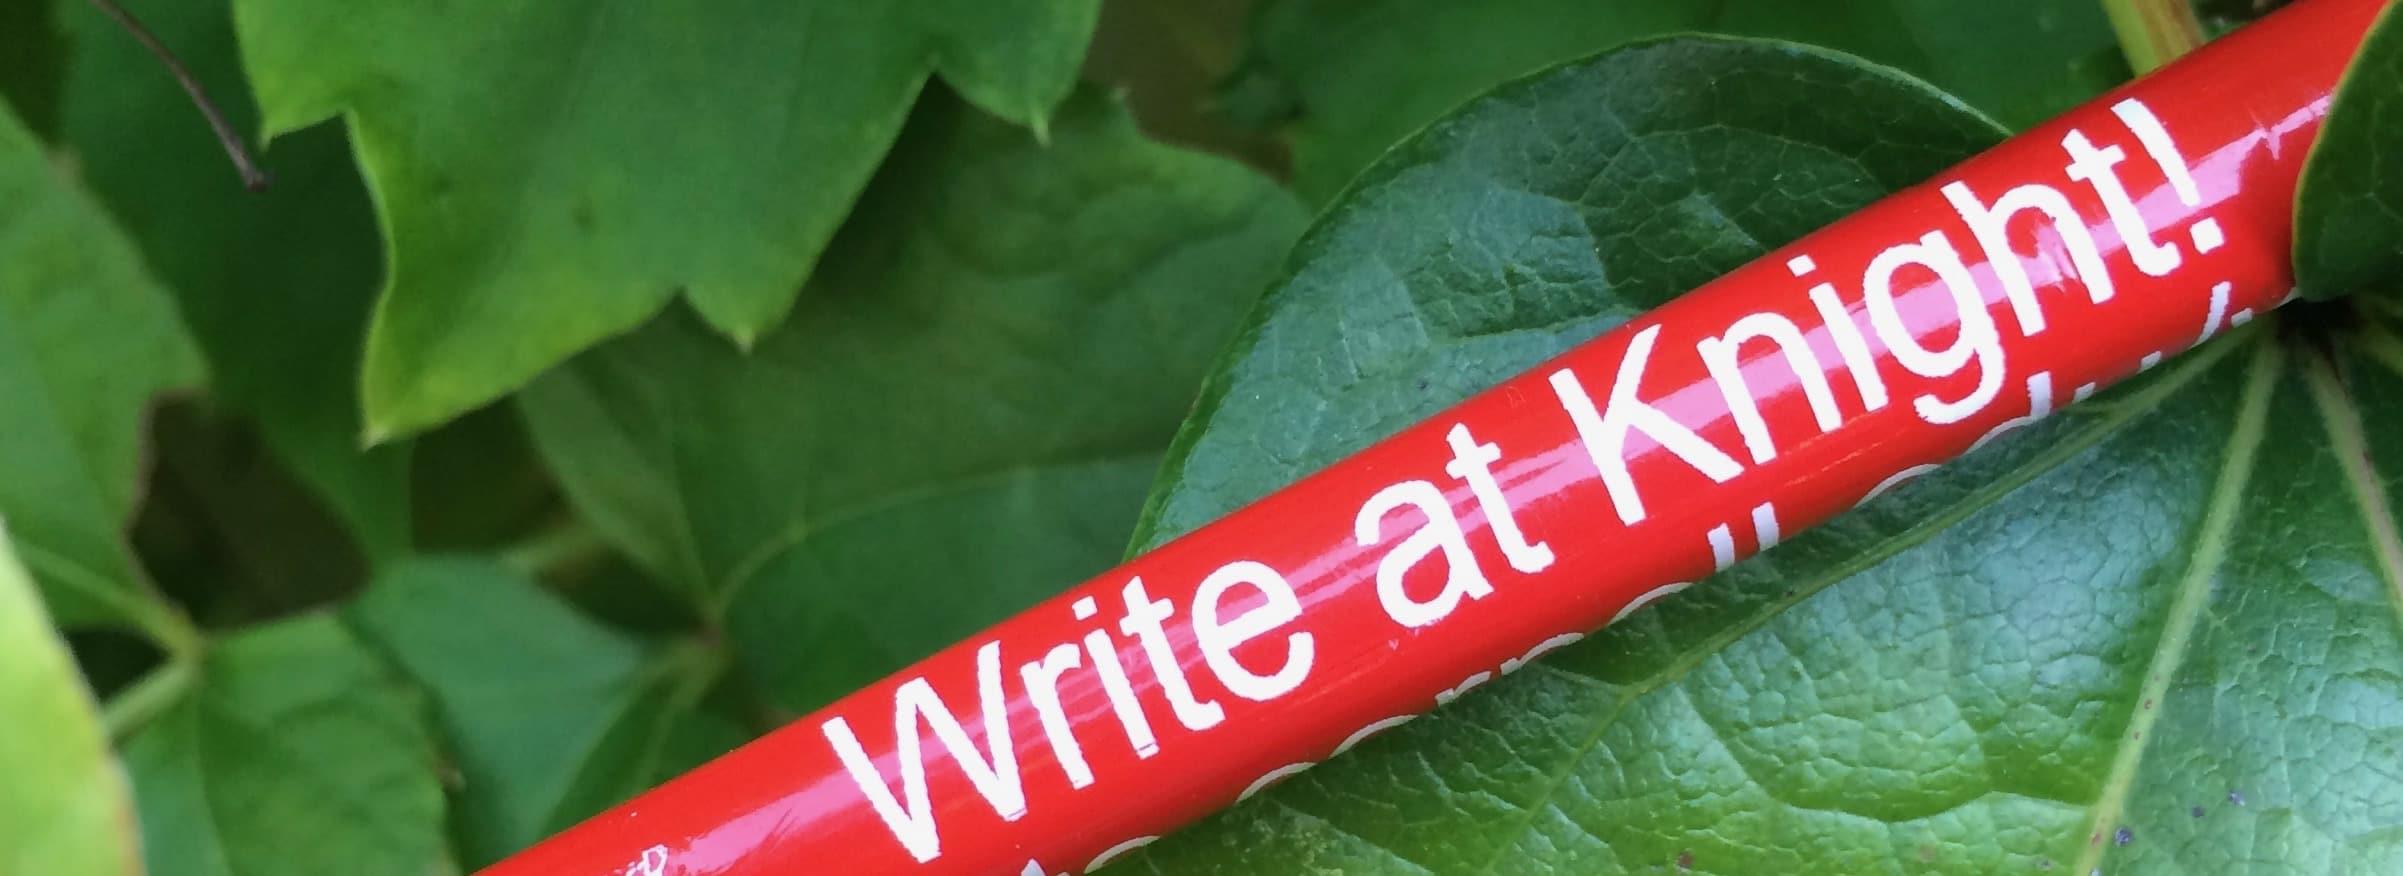 Write at Knight ivy pano